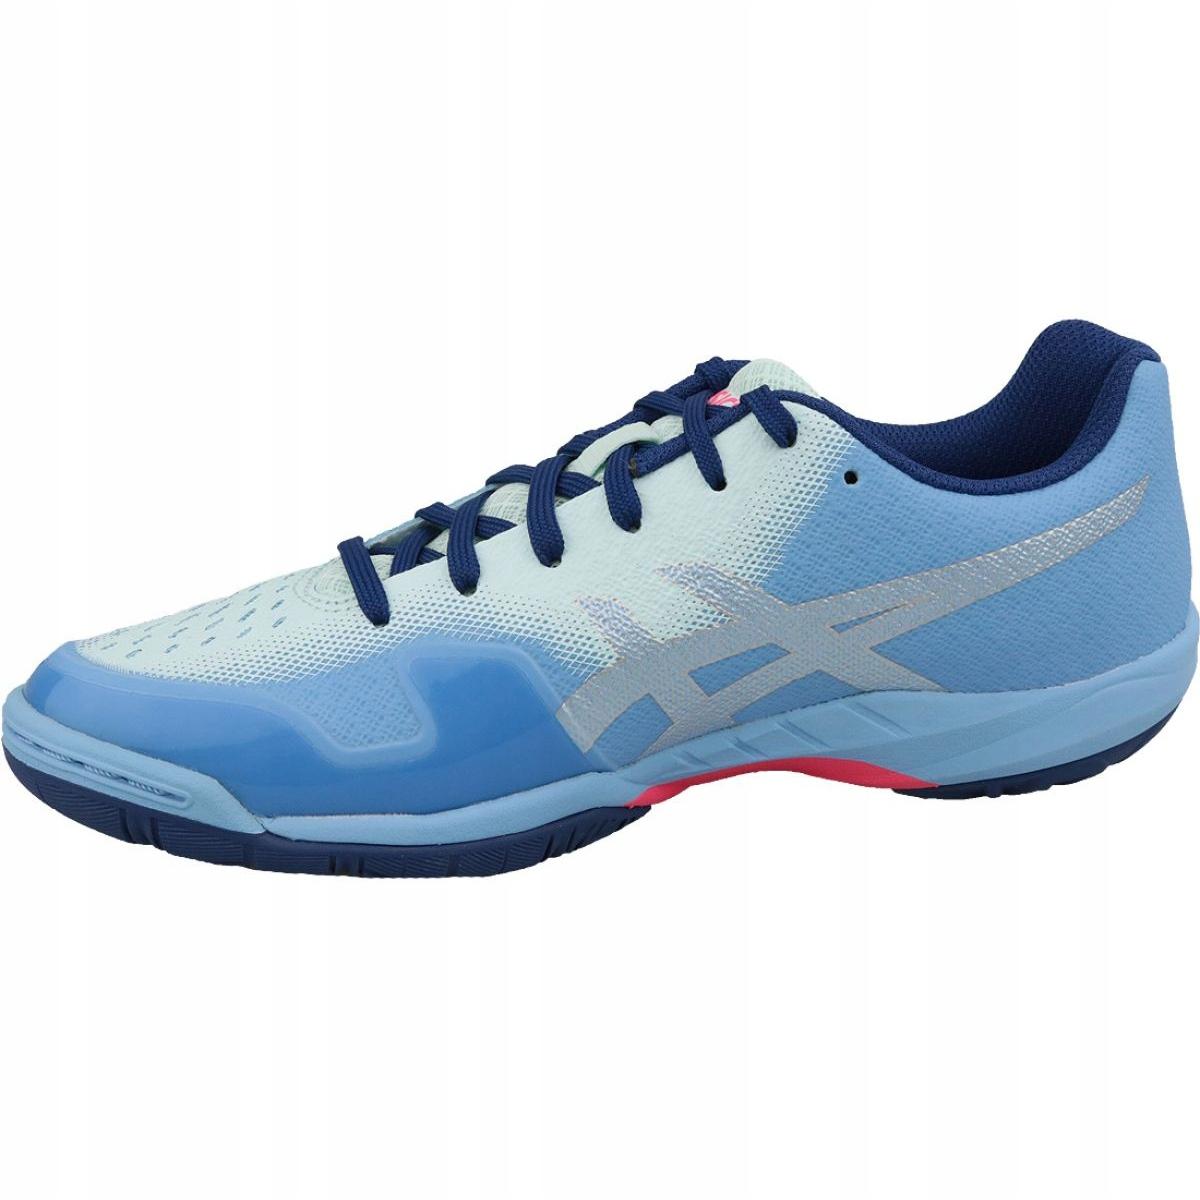 Asics Gel-Blade 6 W squash shoes R753N